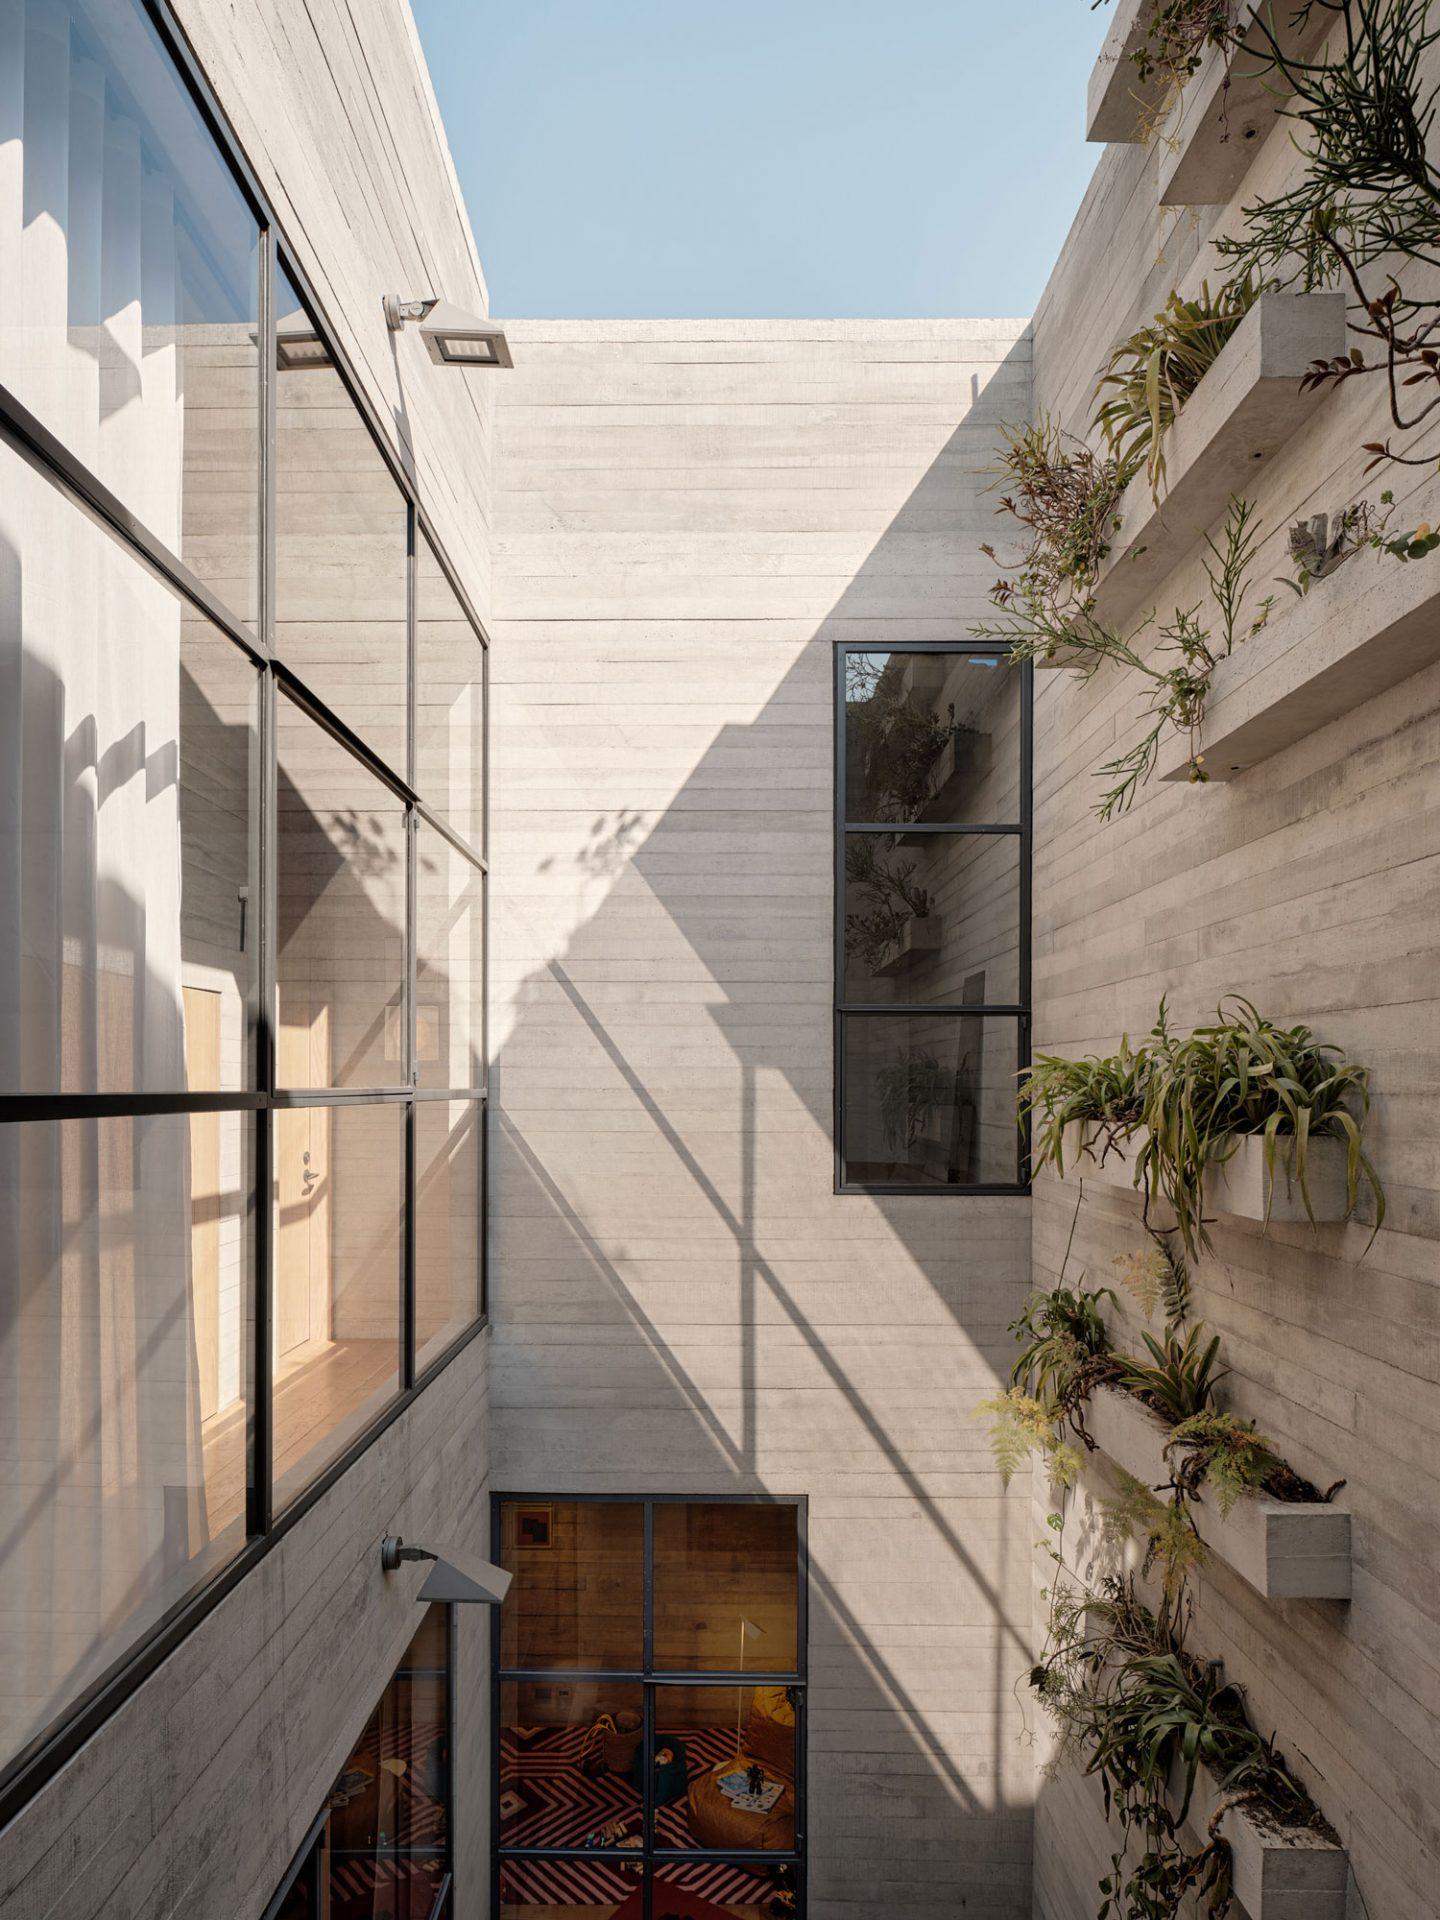 Tennyson-205-Apartment-designalive-10